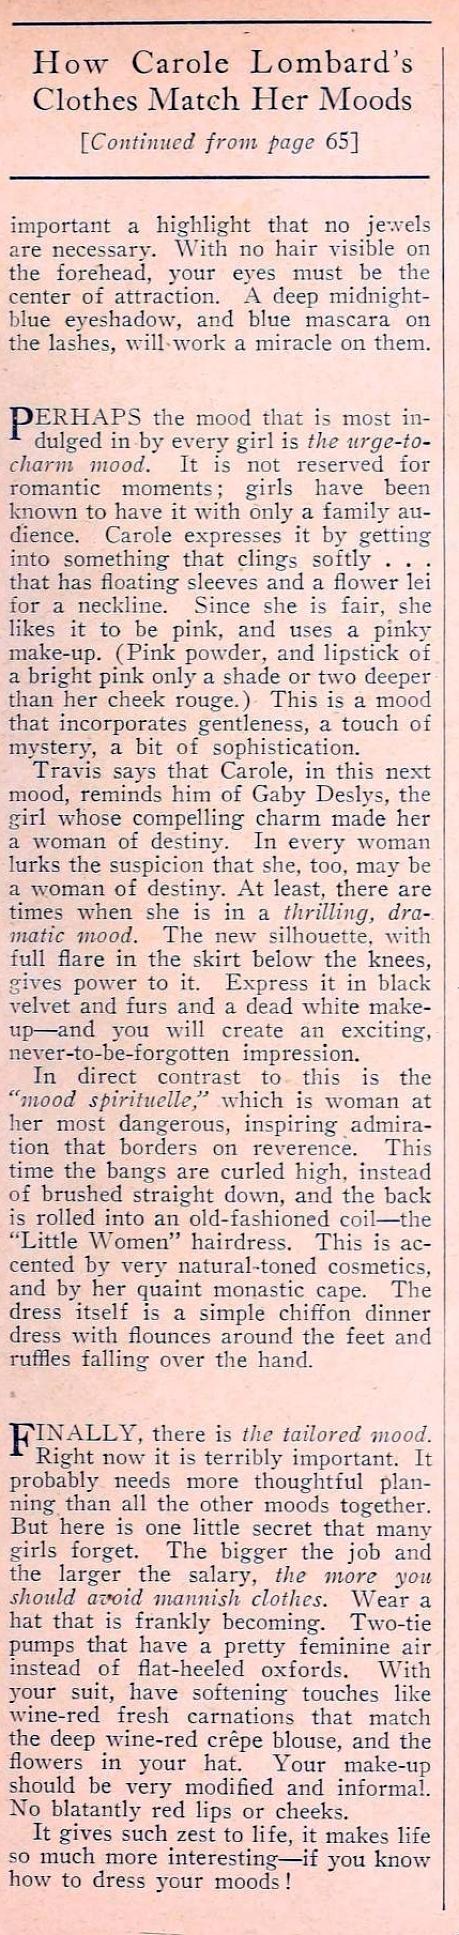 carole lombard movie classic september 1935ea